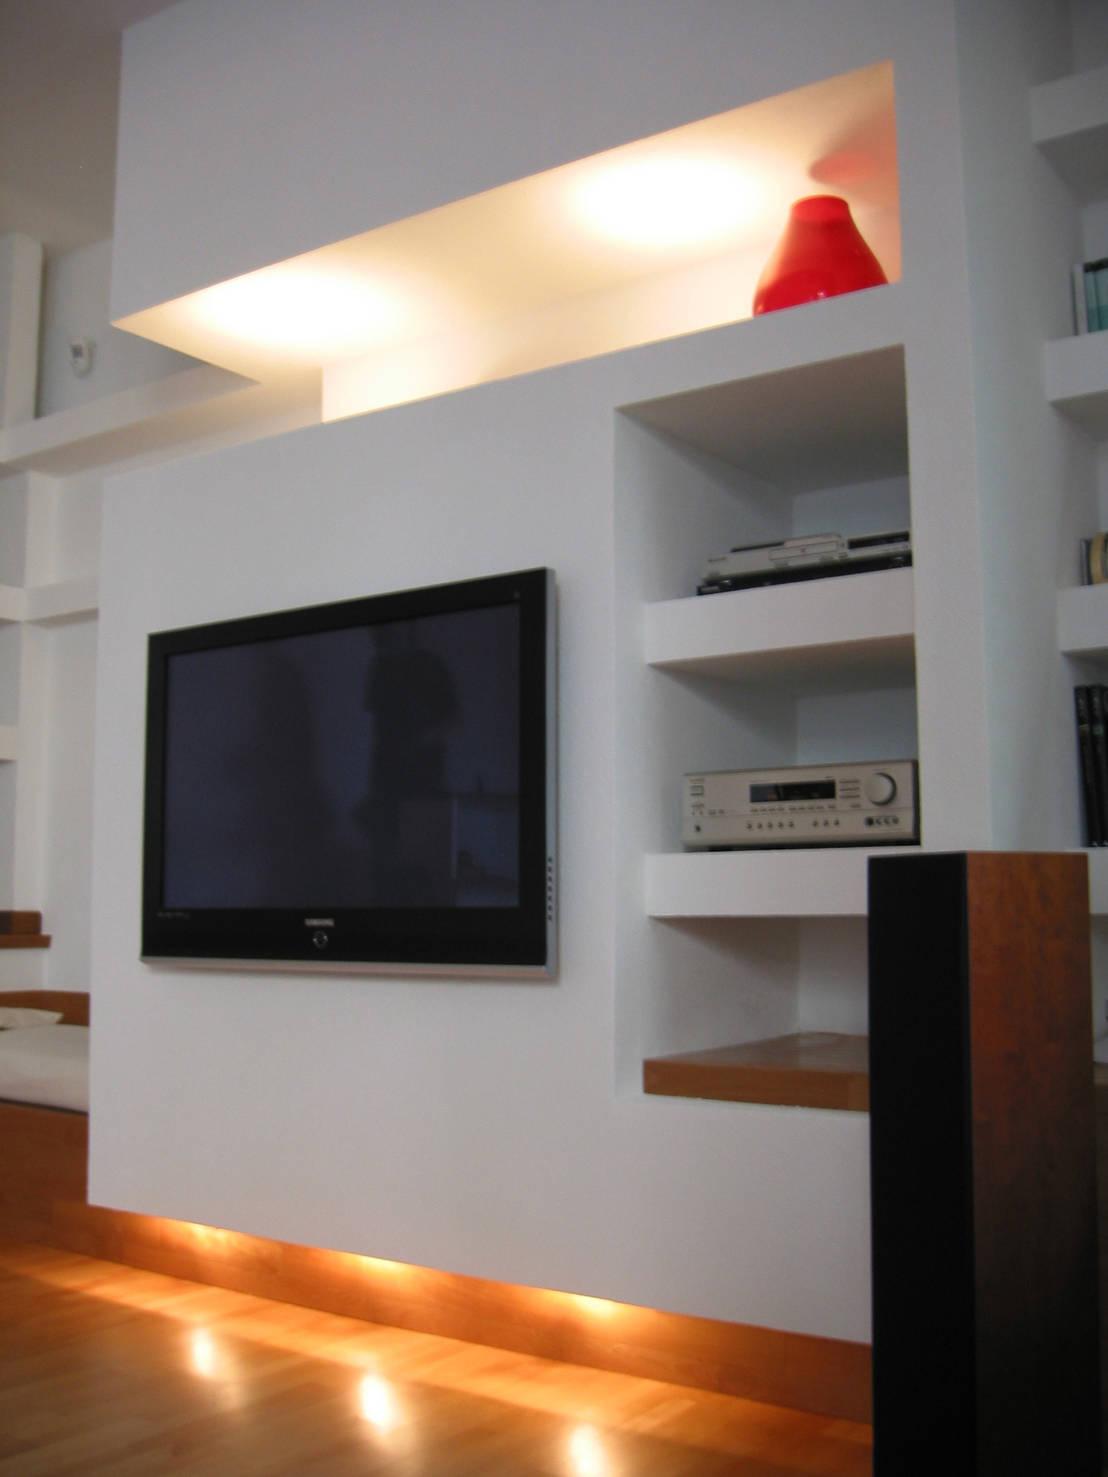 le pareti in cartongesso e l 39 architettura dell 39 immaginario. Black Bedroom Furniture Sets. Home Design Ideas